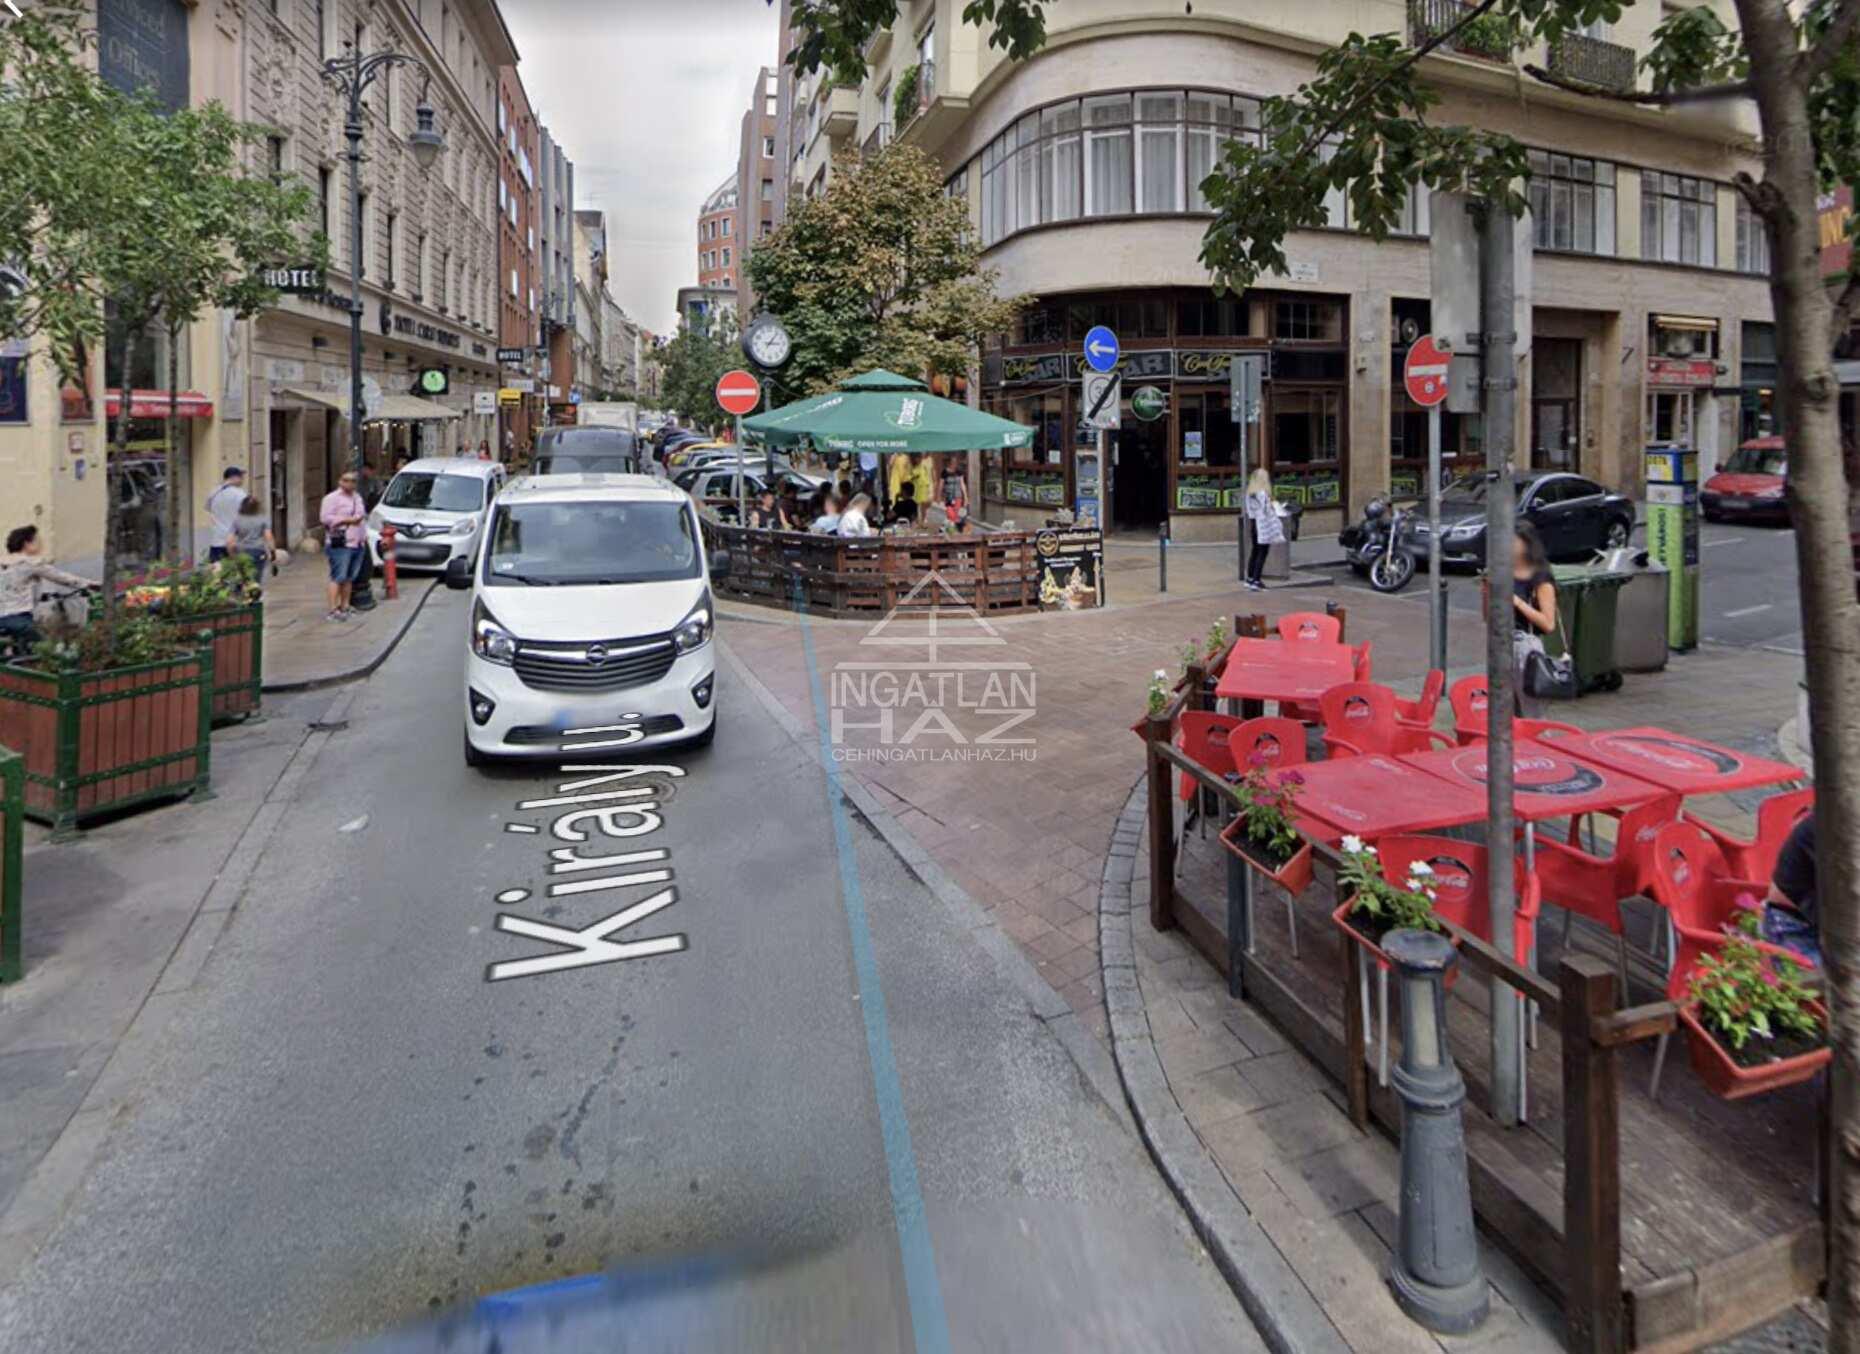 VII.kerület, vigalminegyed, Király u Deák térhez közel, 60m2, utcai, kirakatos, ,galériás üzlethelyiség kiadò